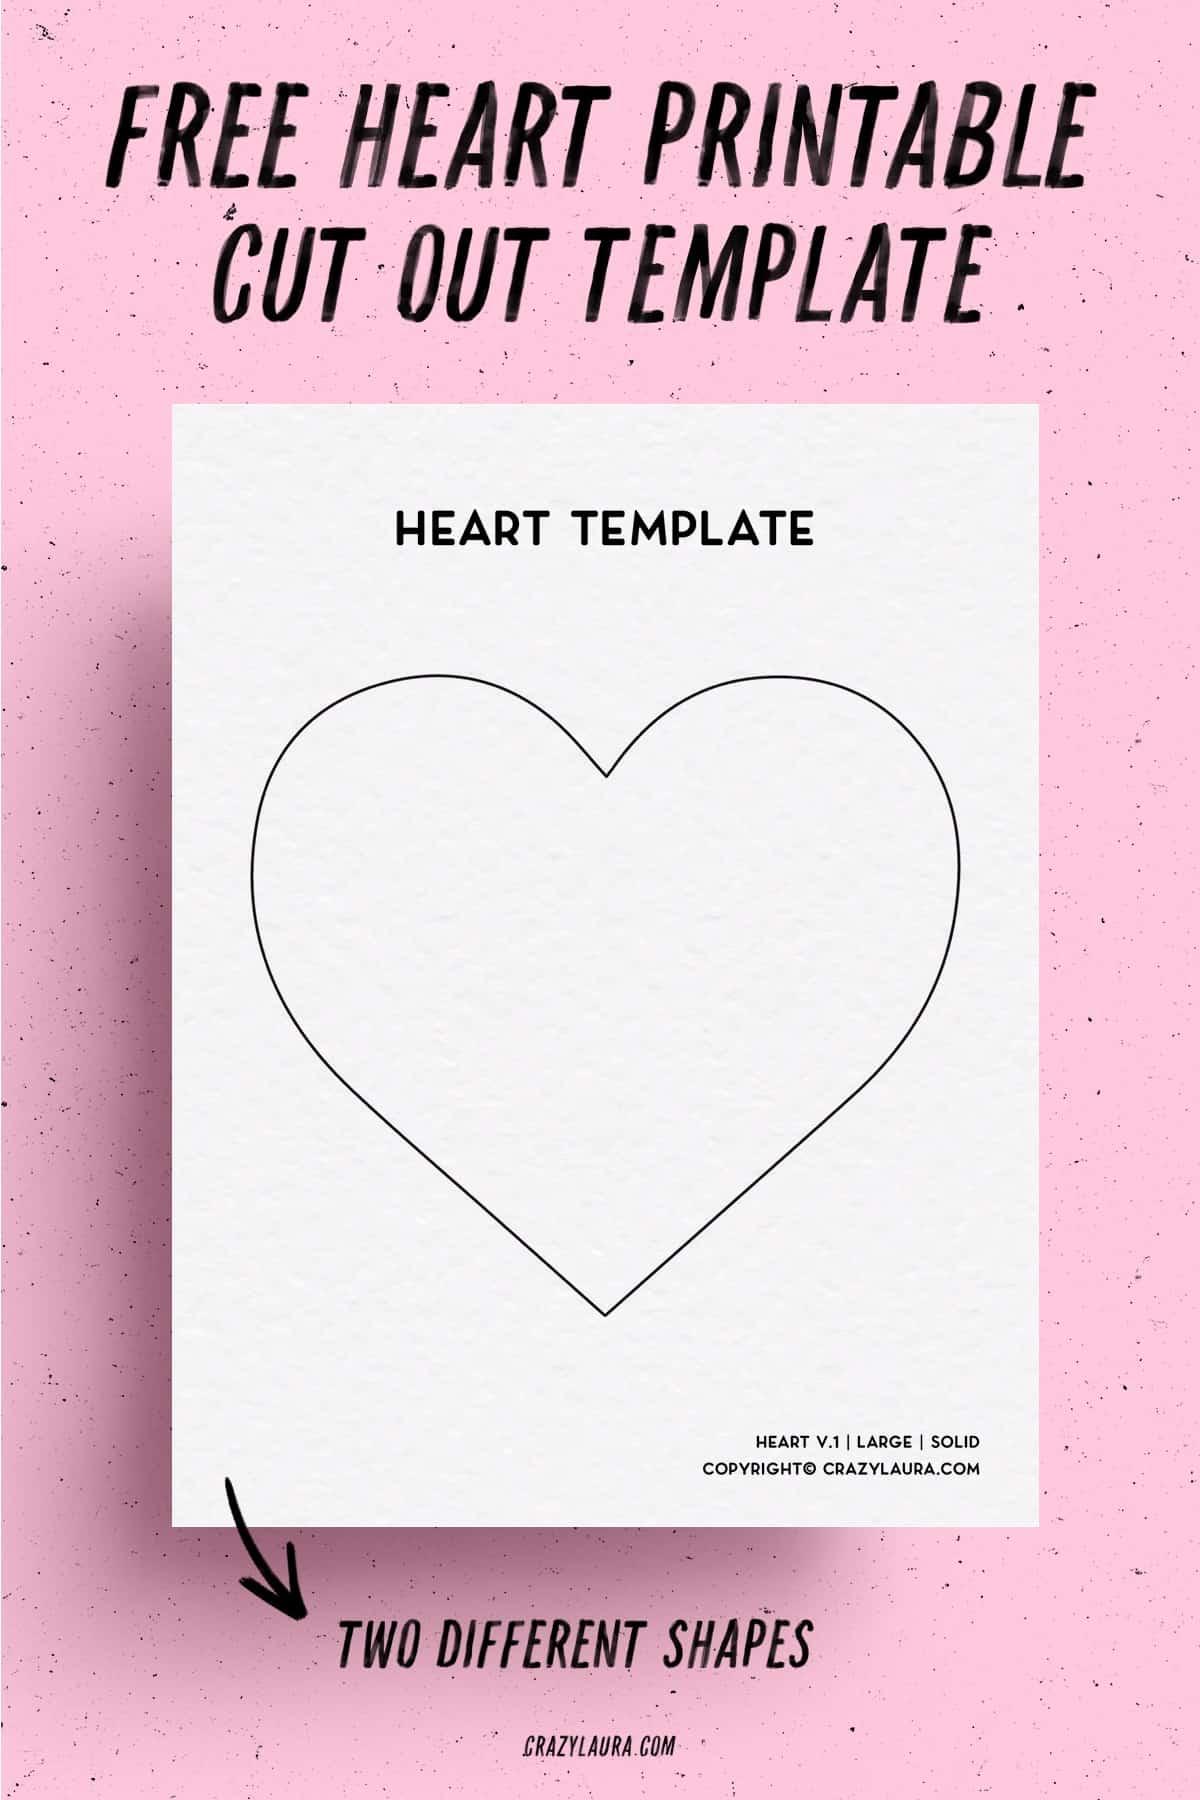 easy cutout heart shapes